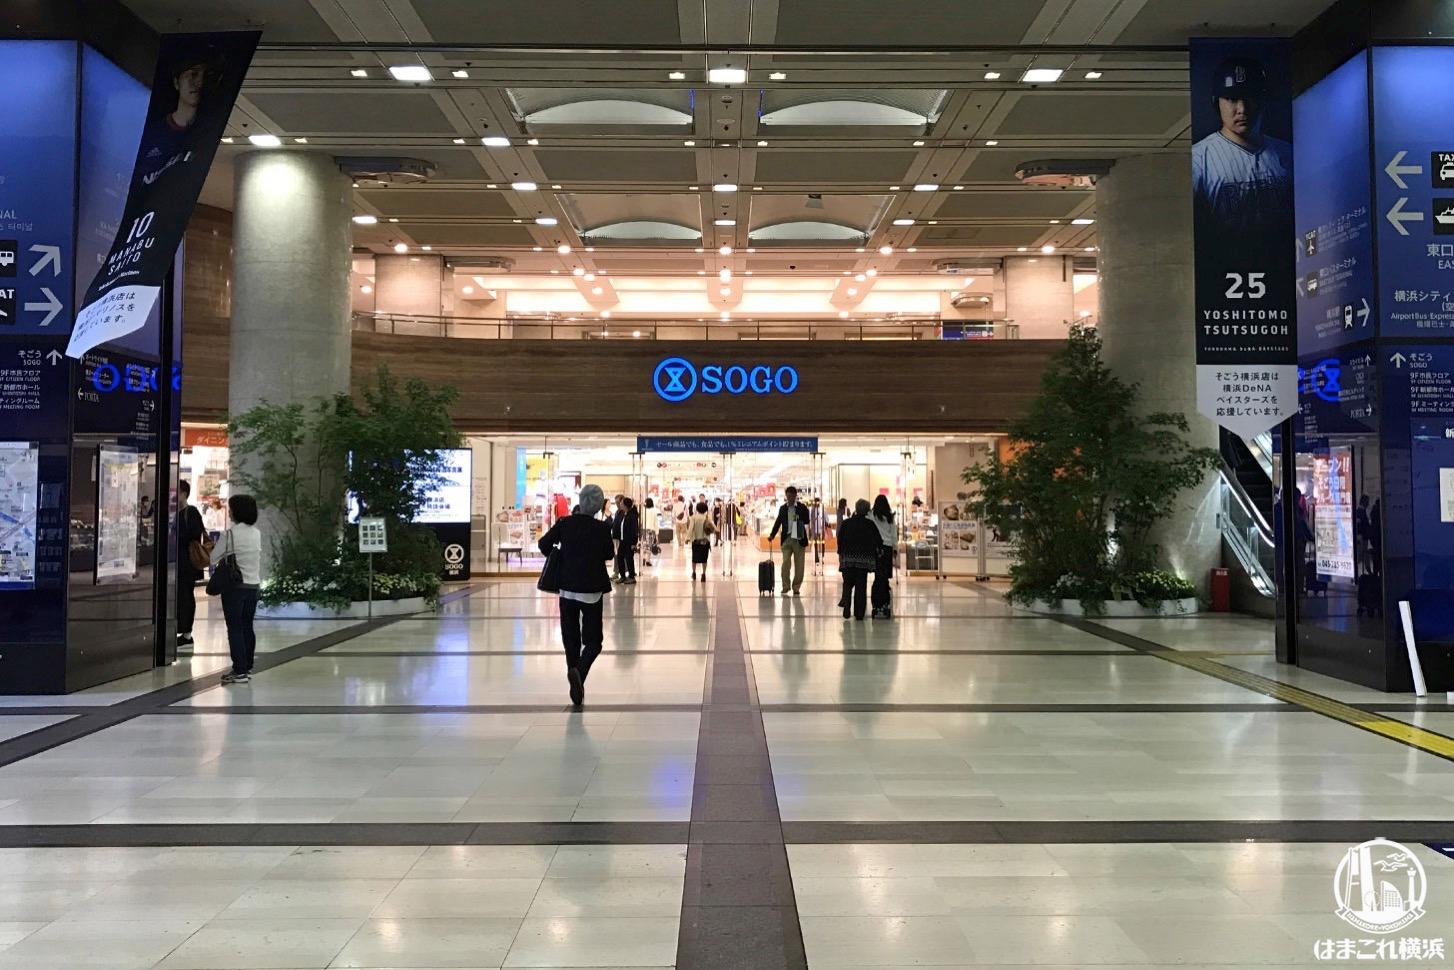 そごう横浜店、5月27日より全館営業再開